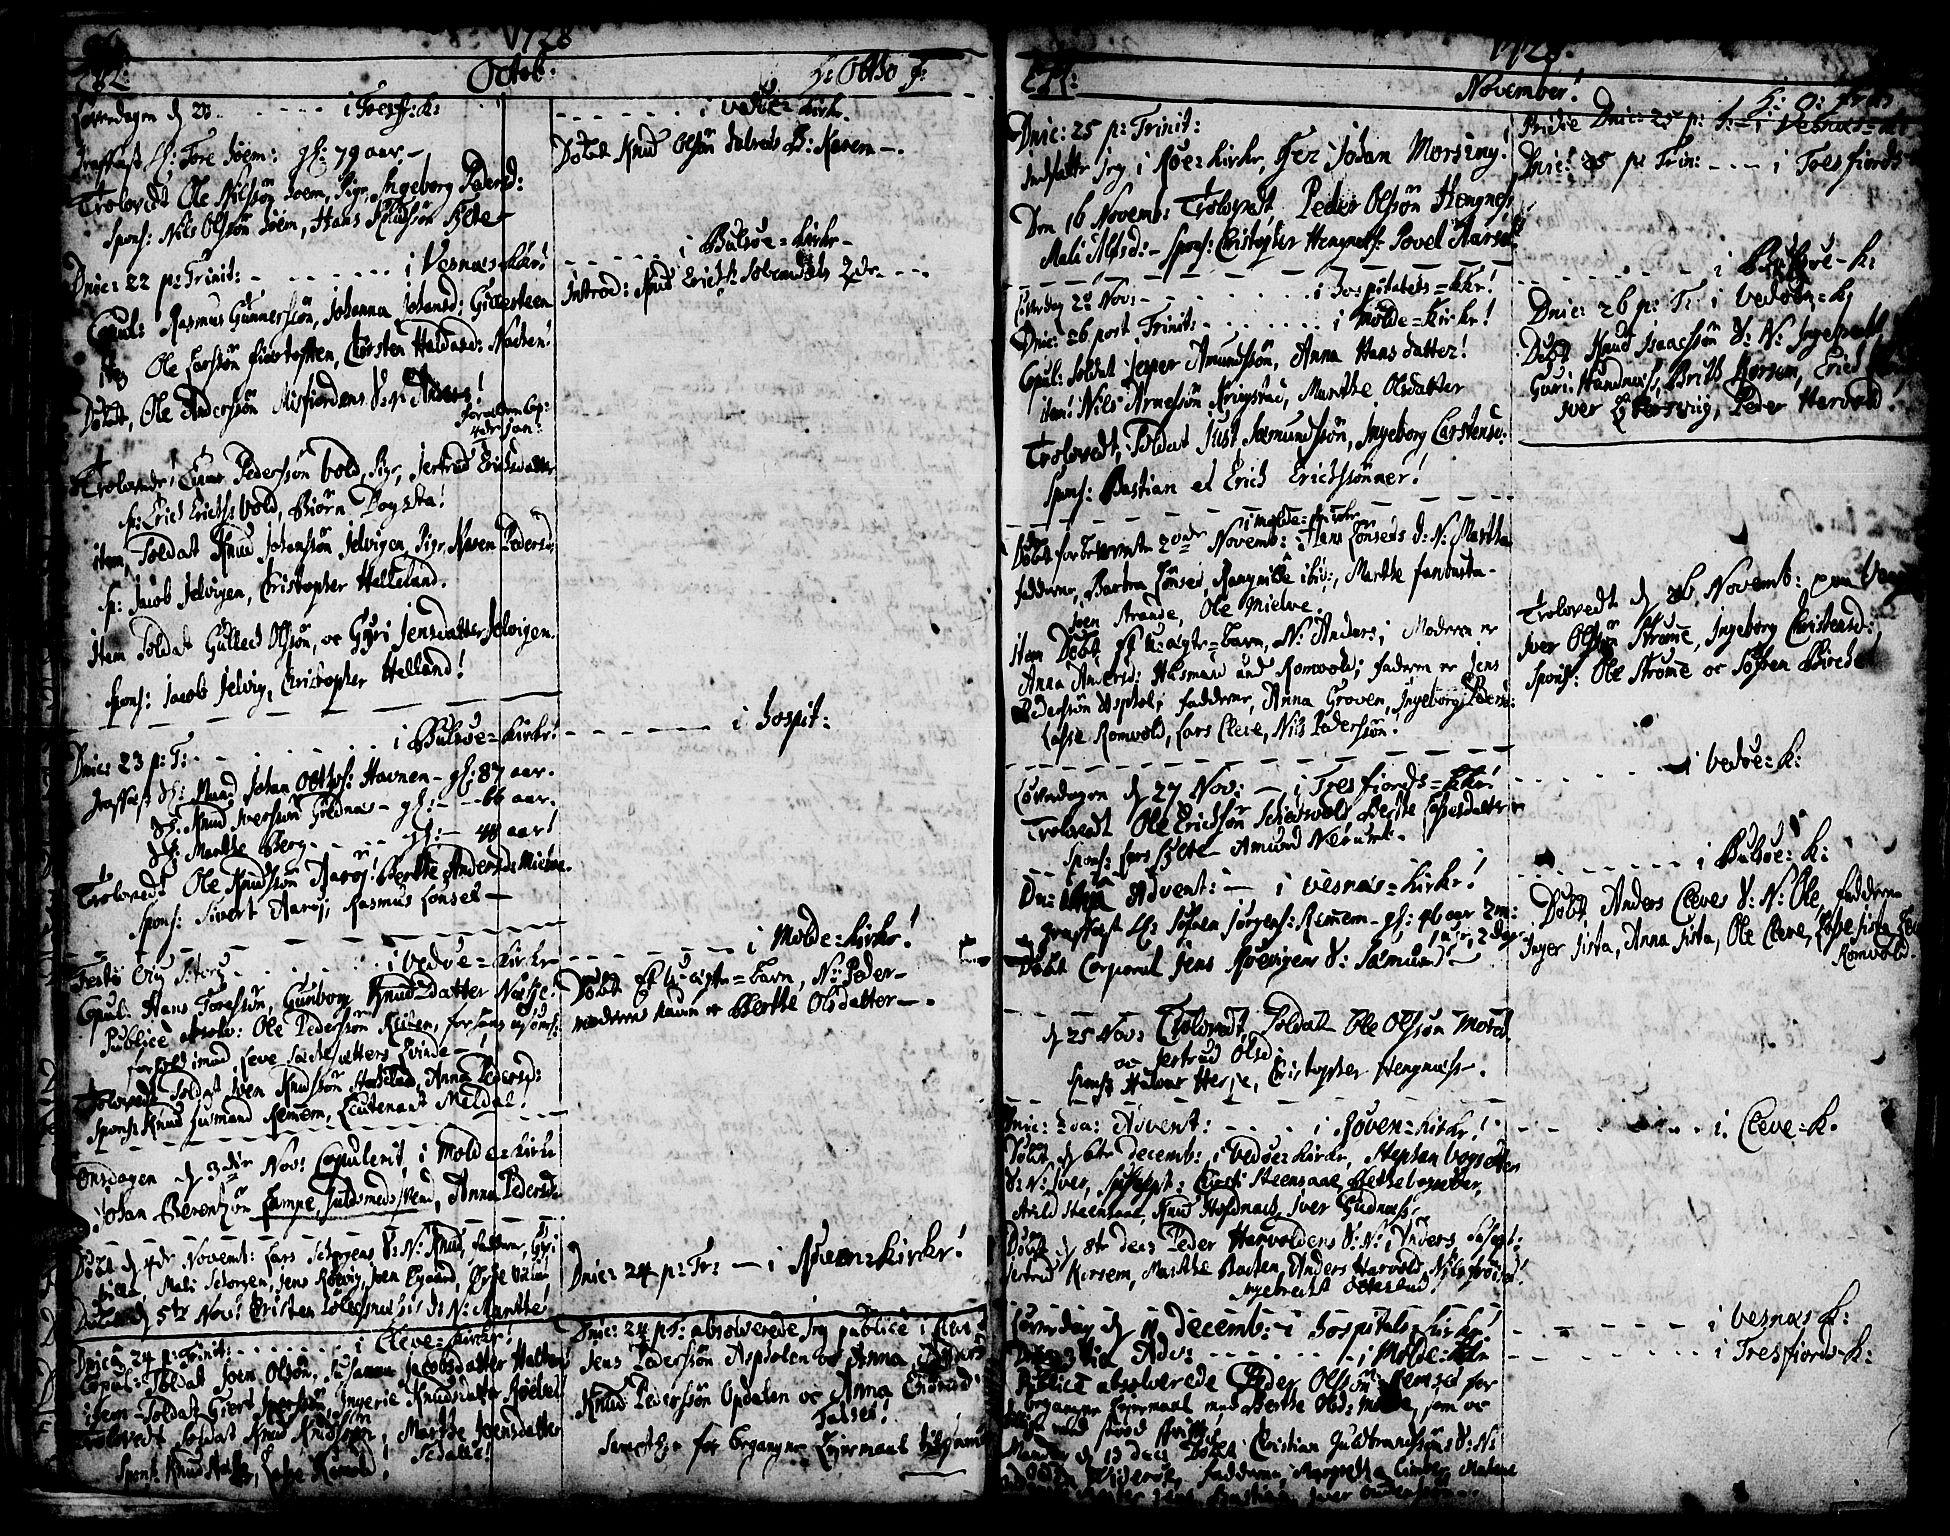 SAT, Ministerialprotokoller, klokkerbøker og fødselsregistre - Møre og Romsdal, 547/L0599: Ministerialbok nr. 547A01, 1721-1764, s. 98-99